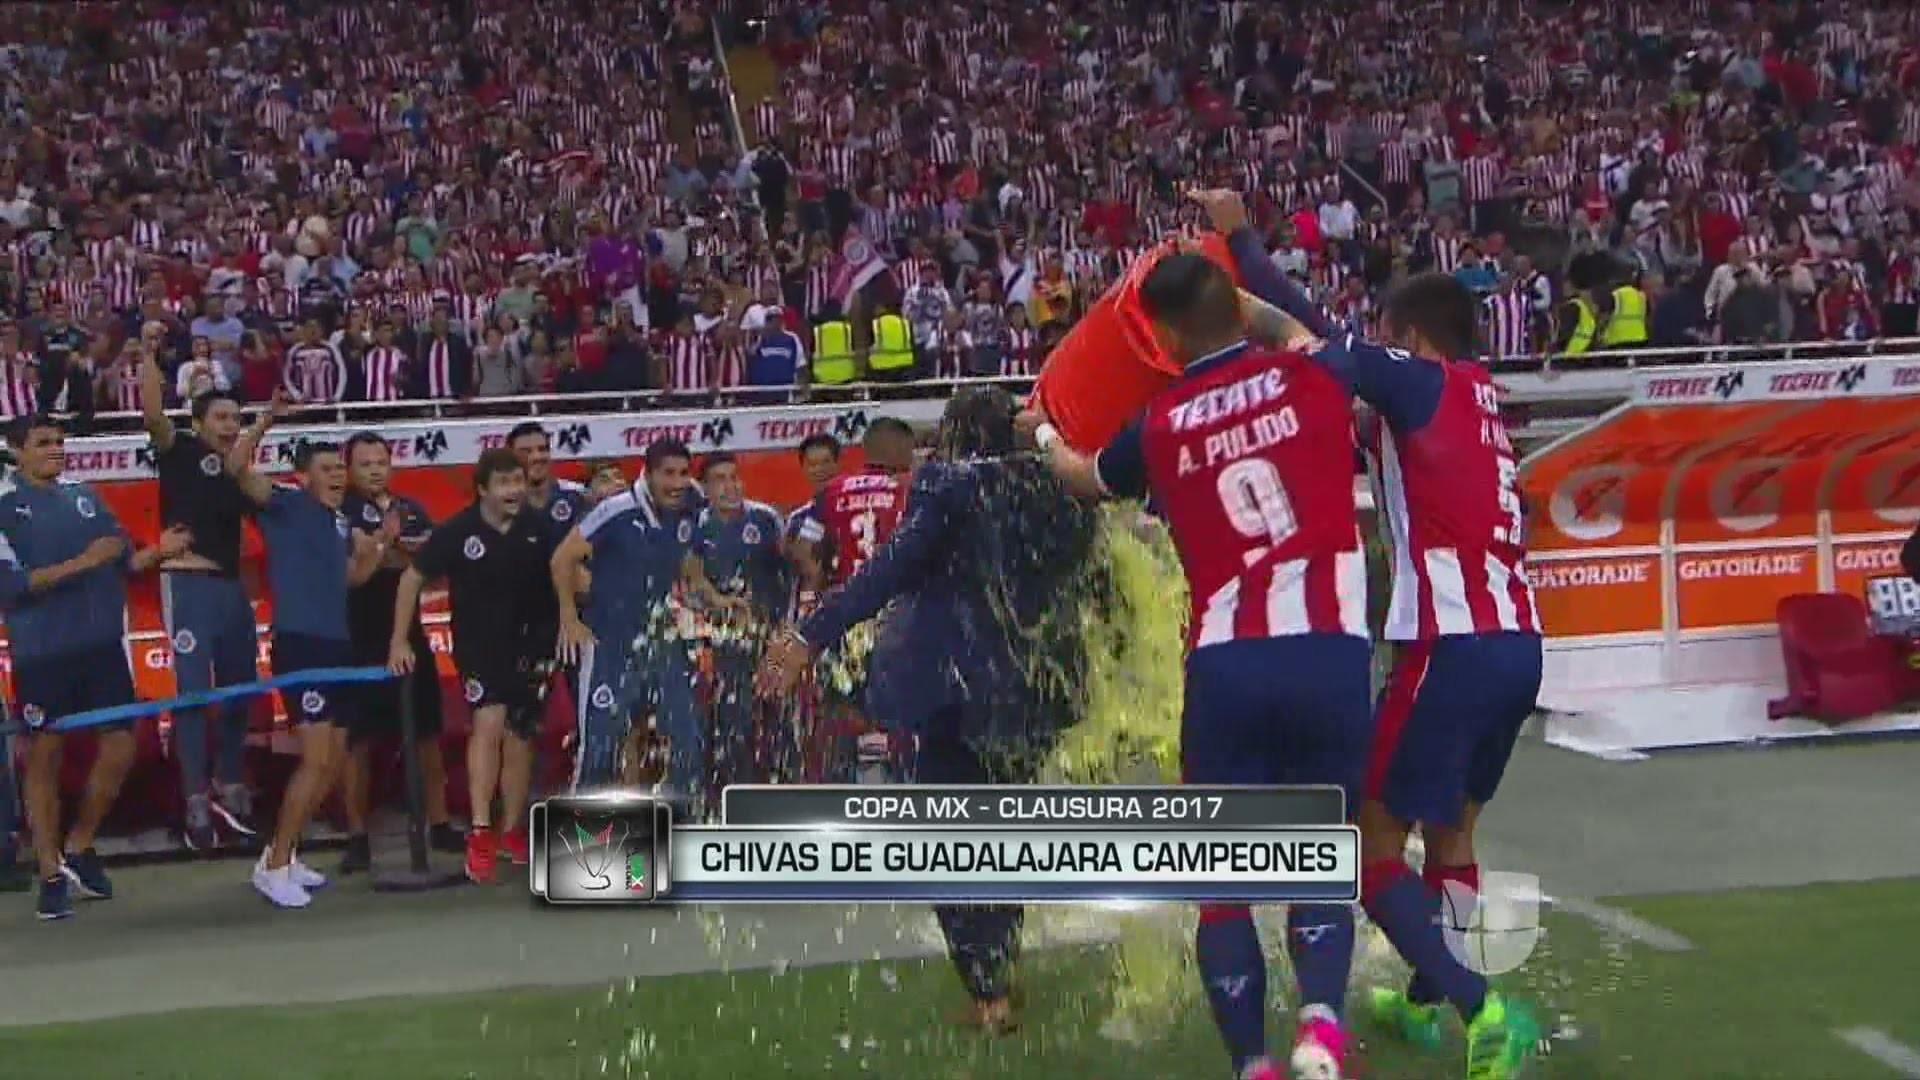 El plantel agradeció un nuevo trofeo   Chivas Pasión – Sitio No Oficial del  Club Deportivo Guadalajara